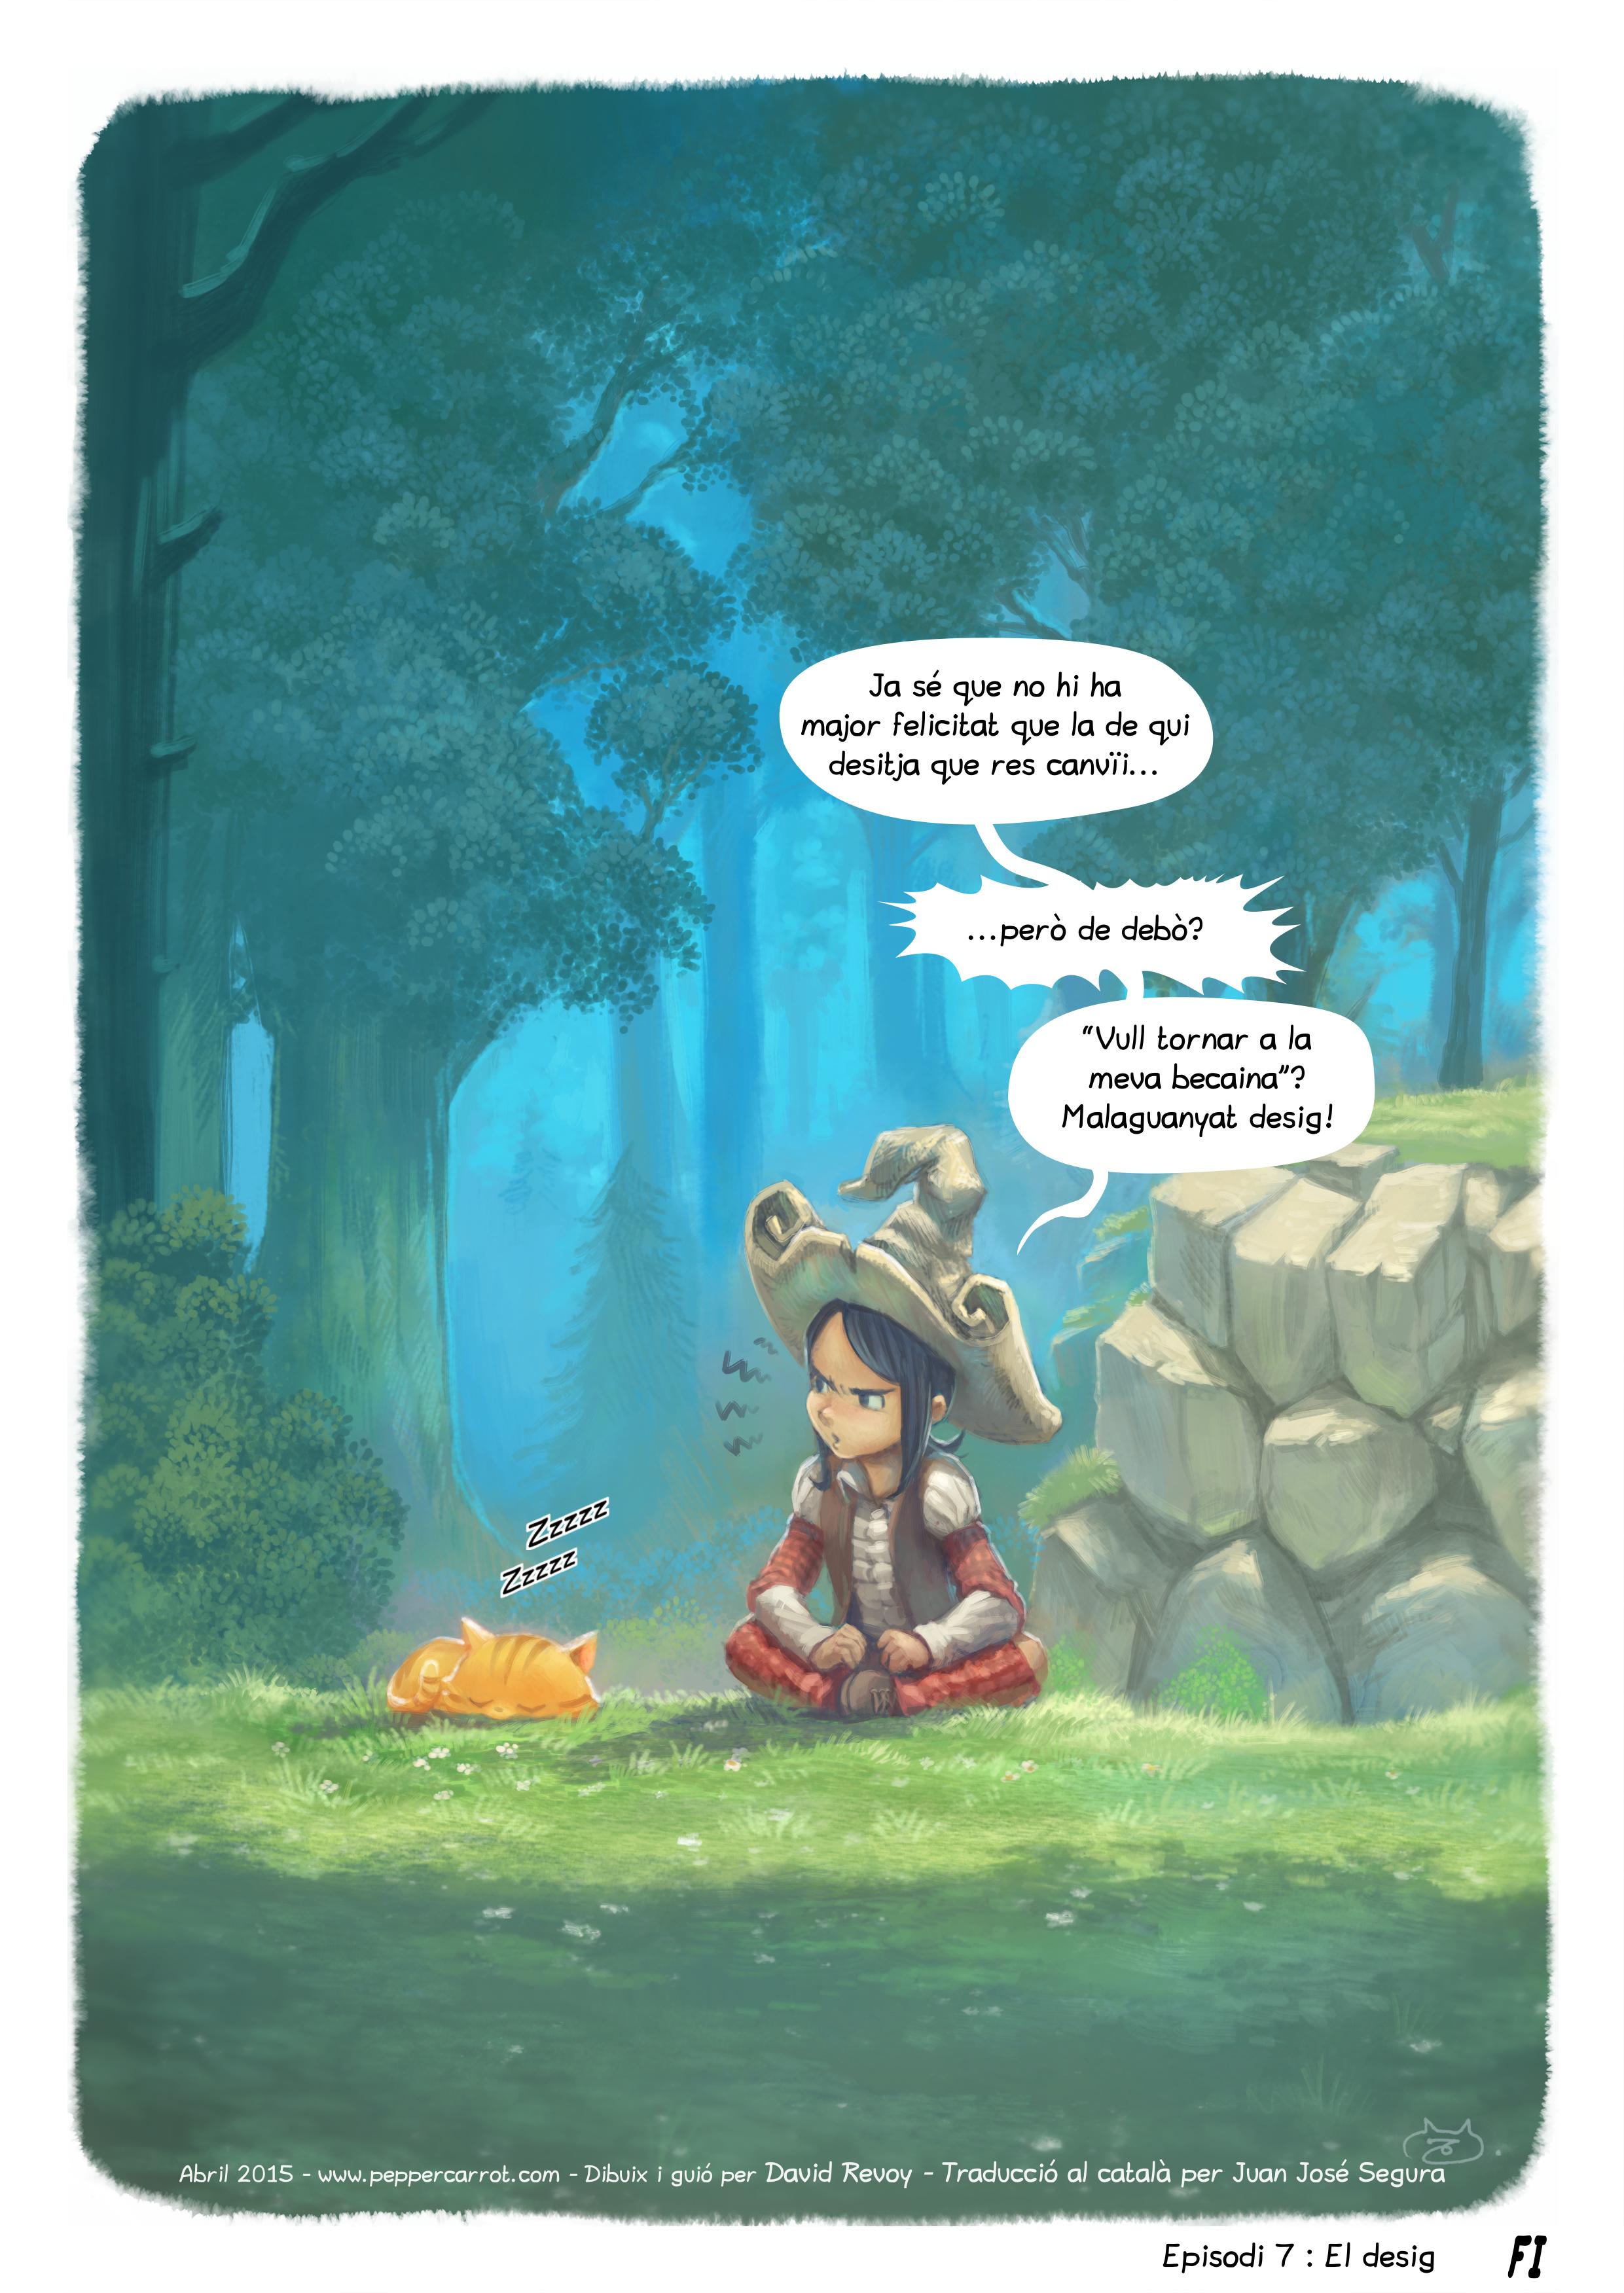 Episodi 7: El desig, Page 5